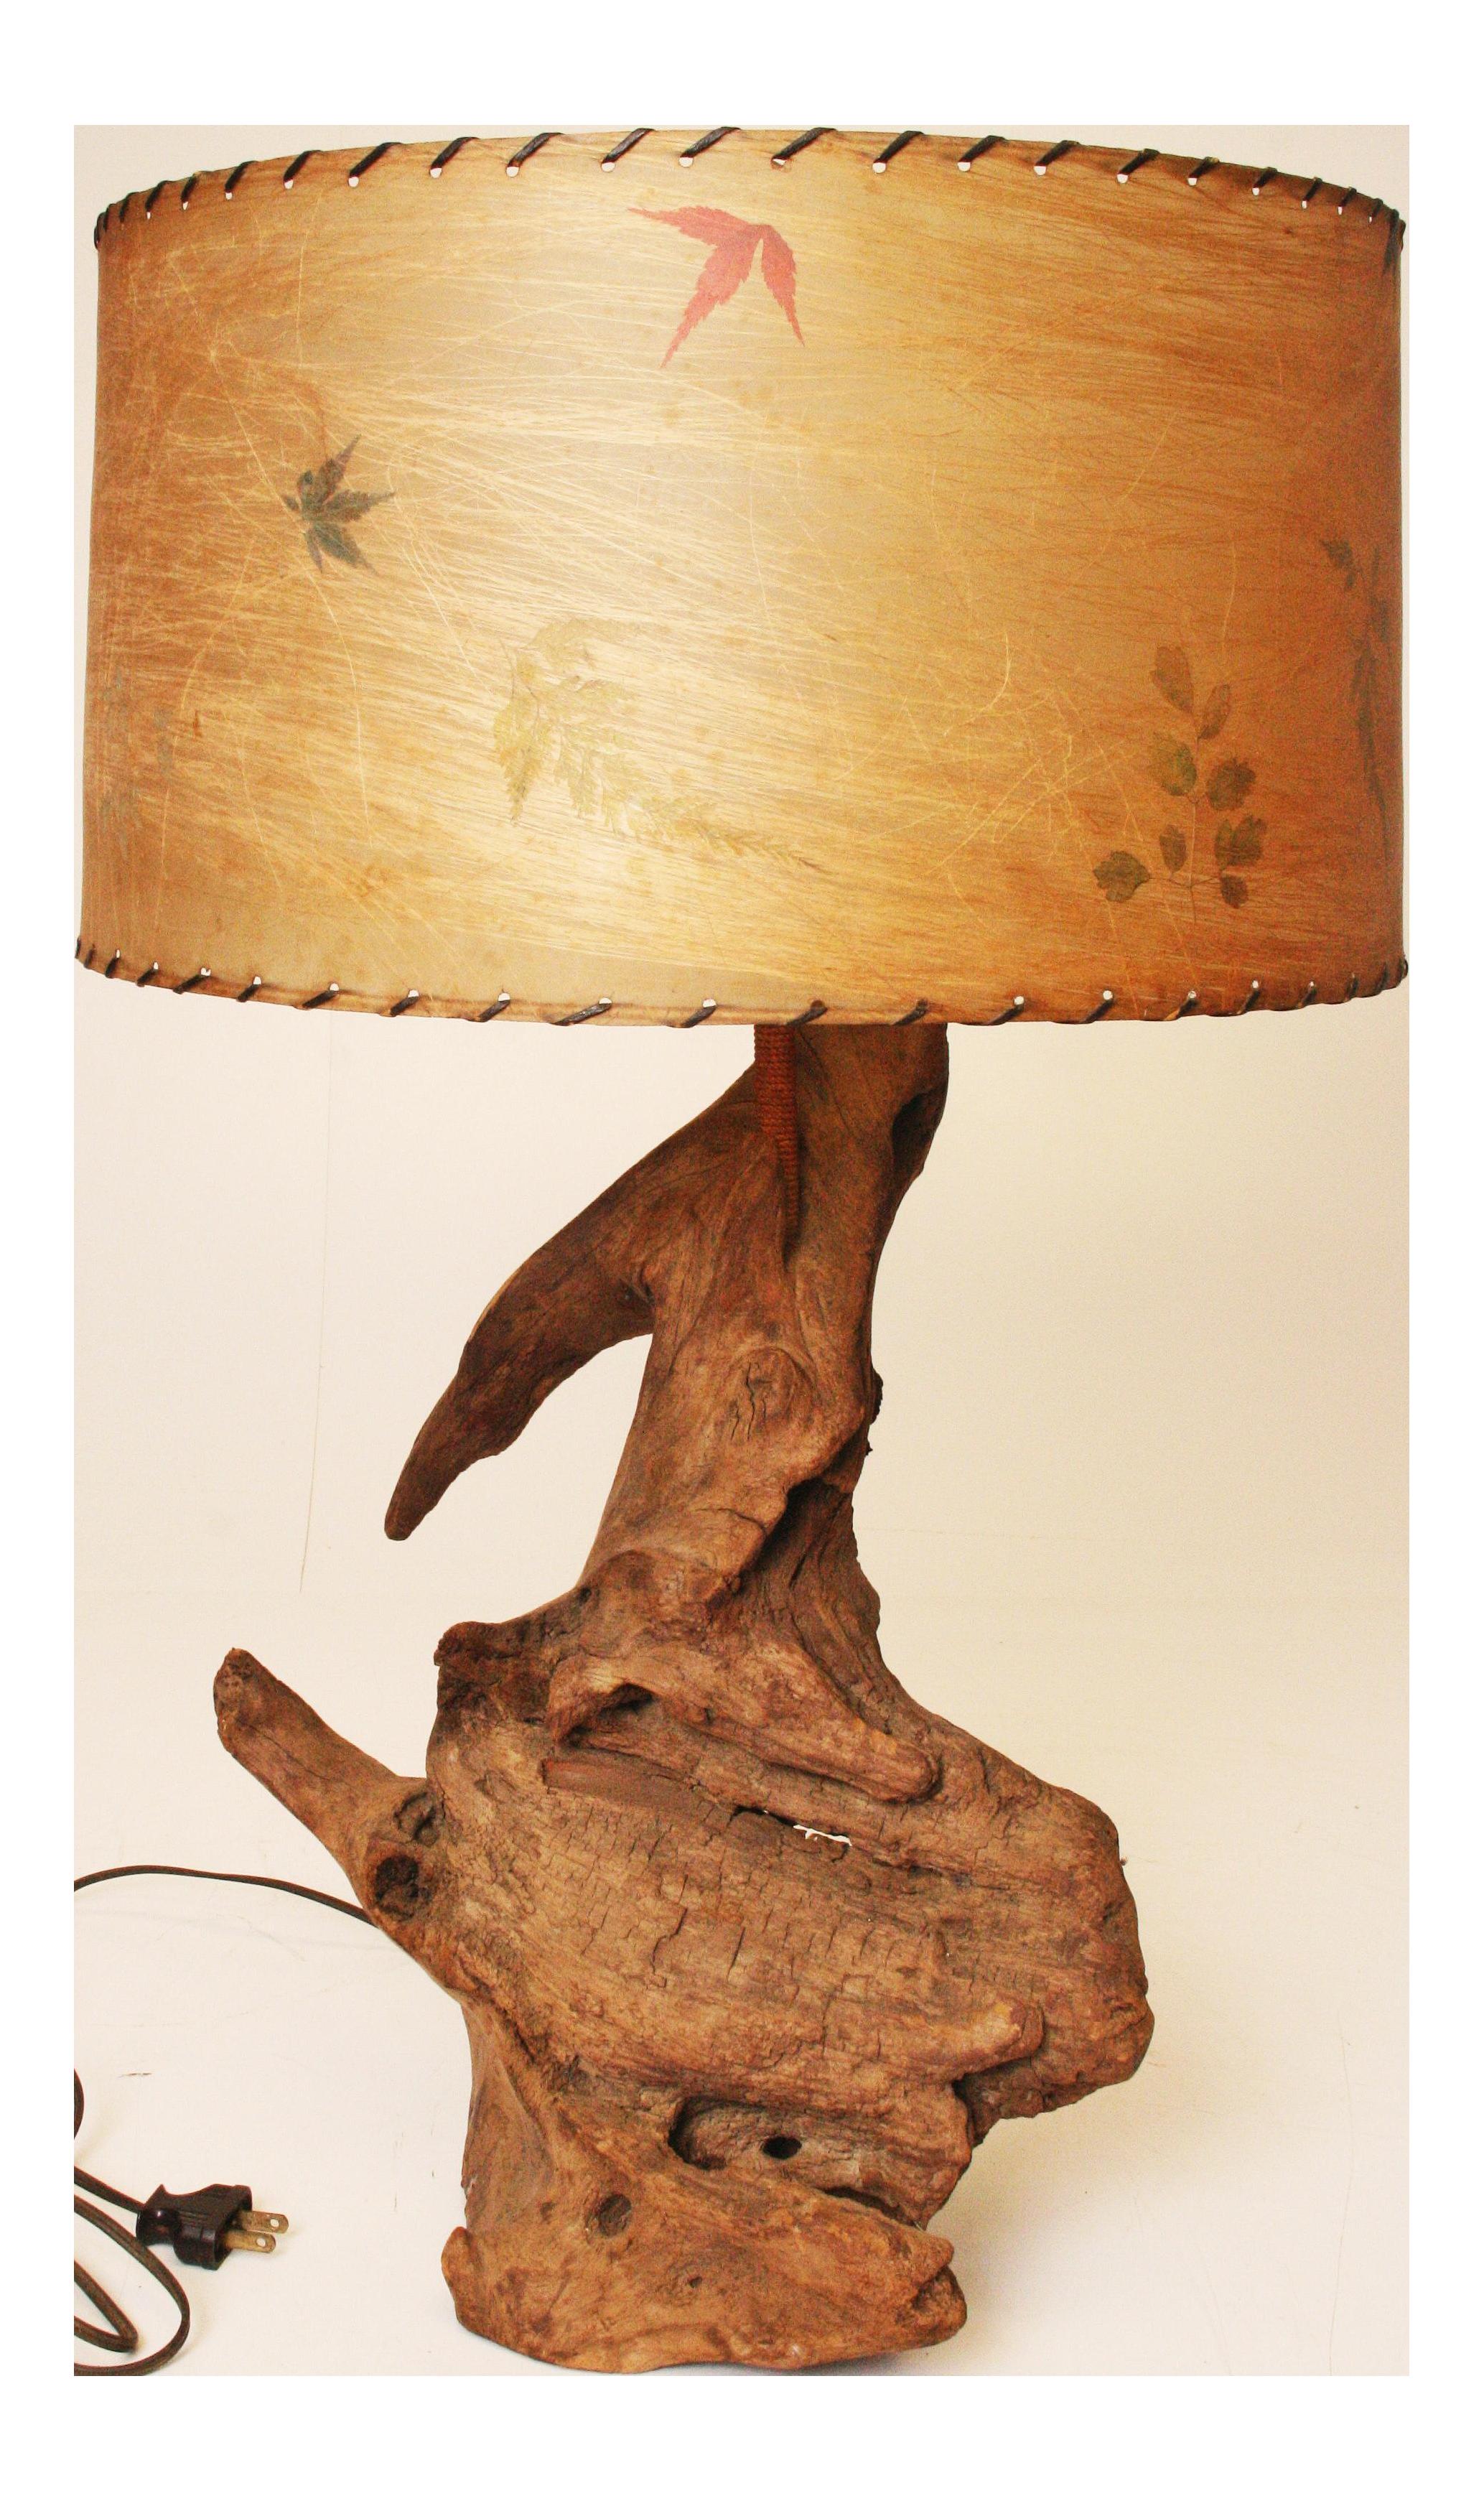 Mid Century Modern Driftwood Lamp With Spun Fiberglass Shade